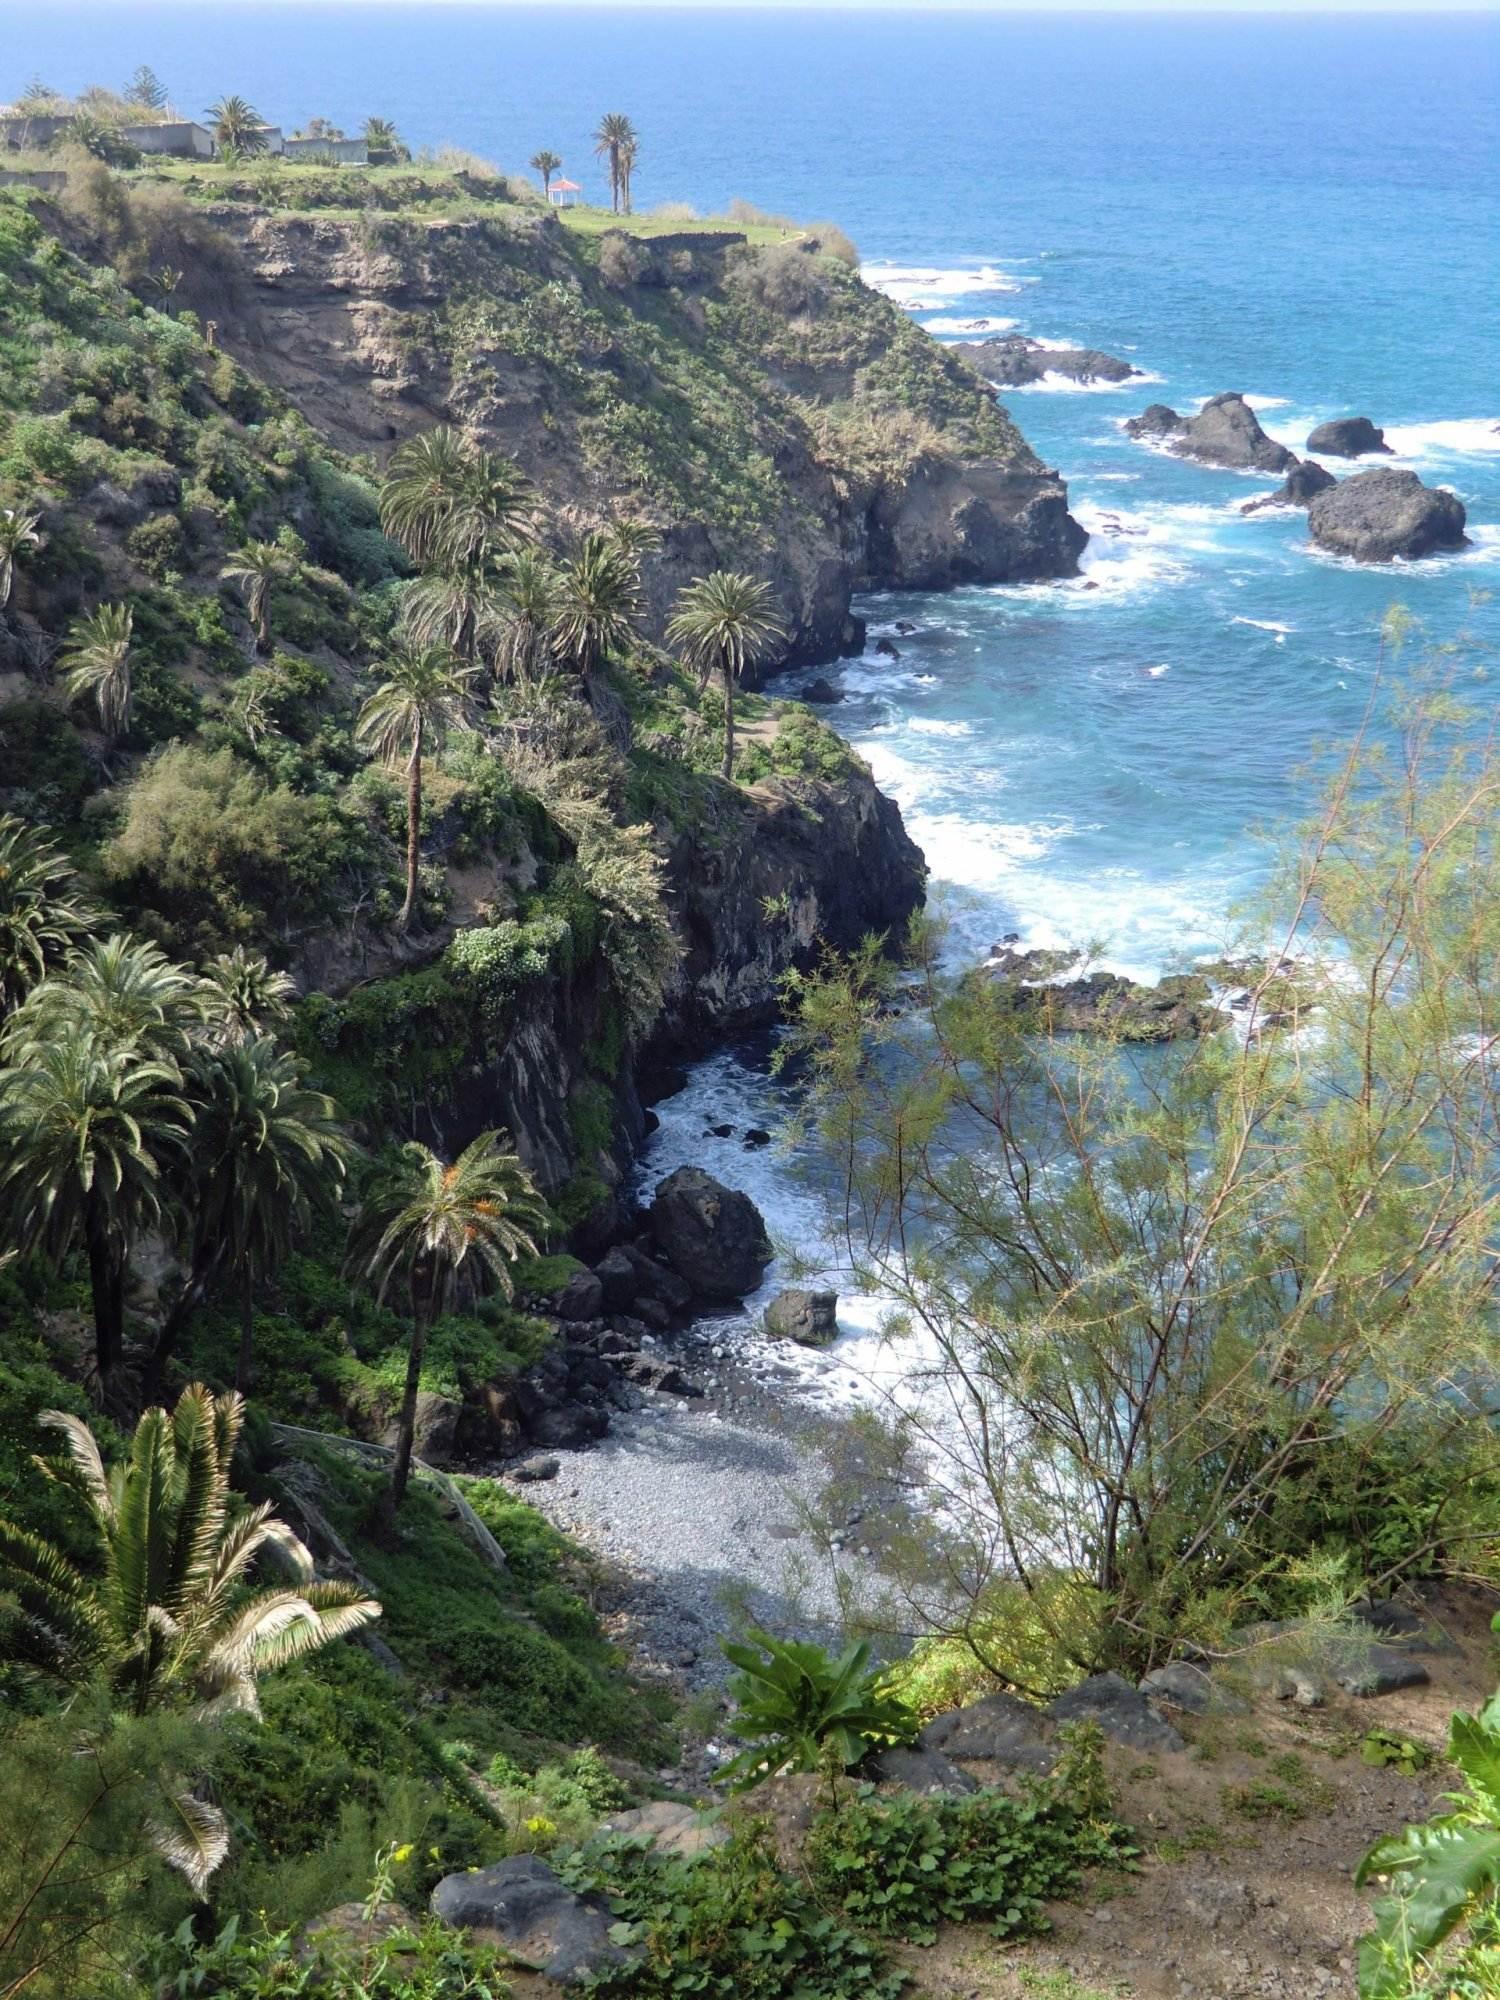 Wanderung Teneriffa, Steilküste und Palmen.